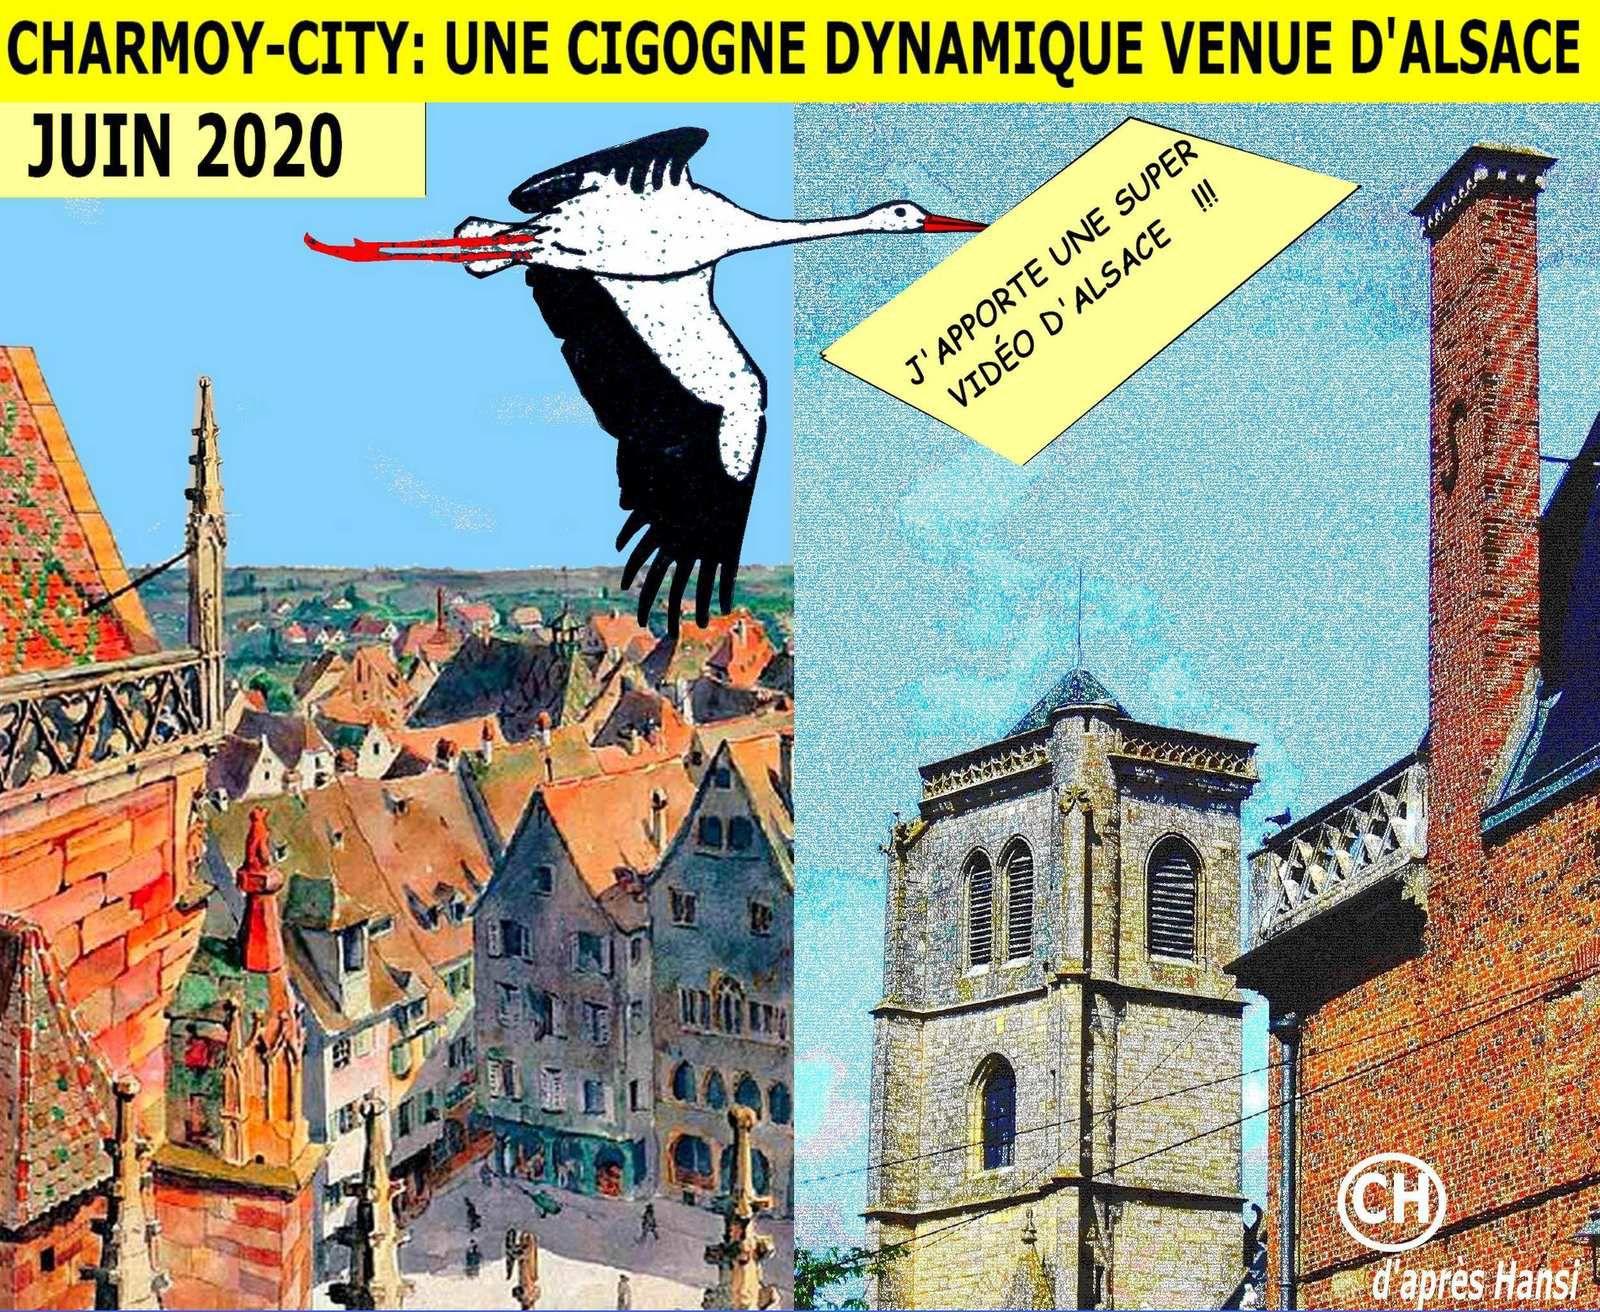 Charmoy-city, une cigogne dynamique venue d'Alsace.jpg